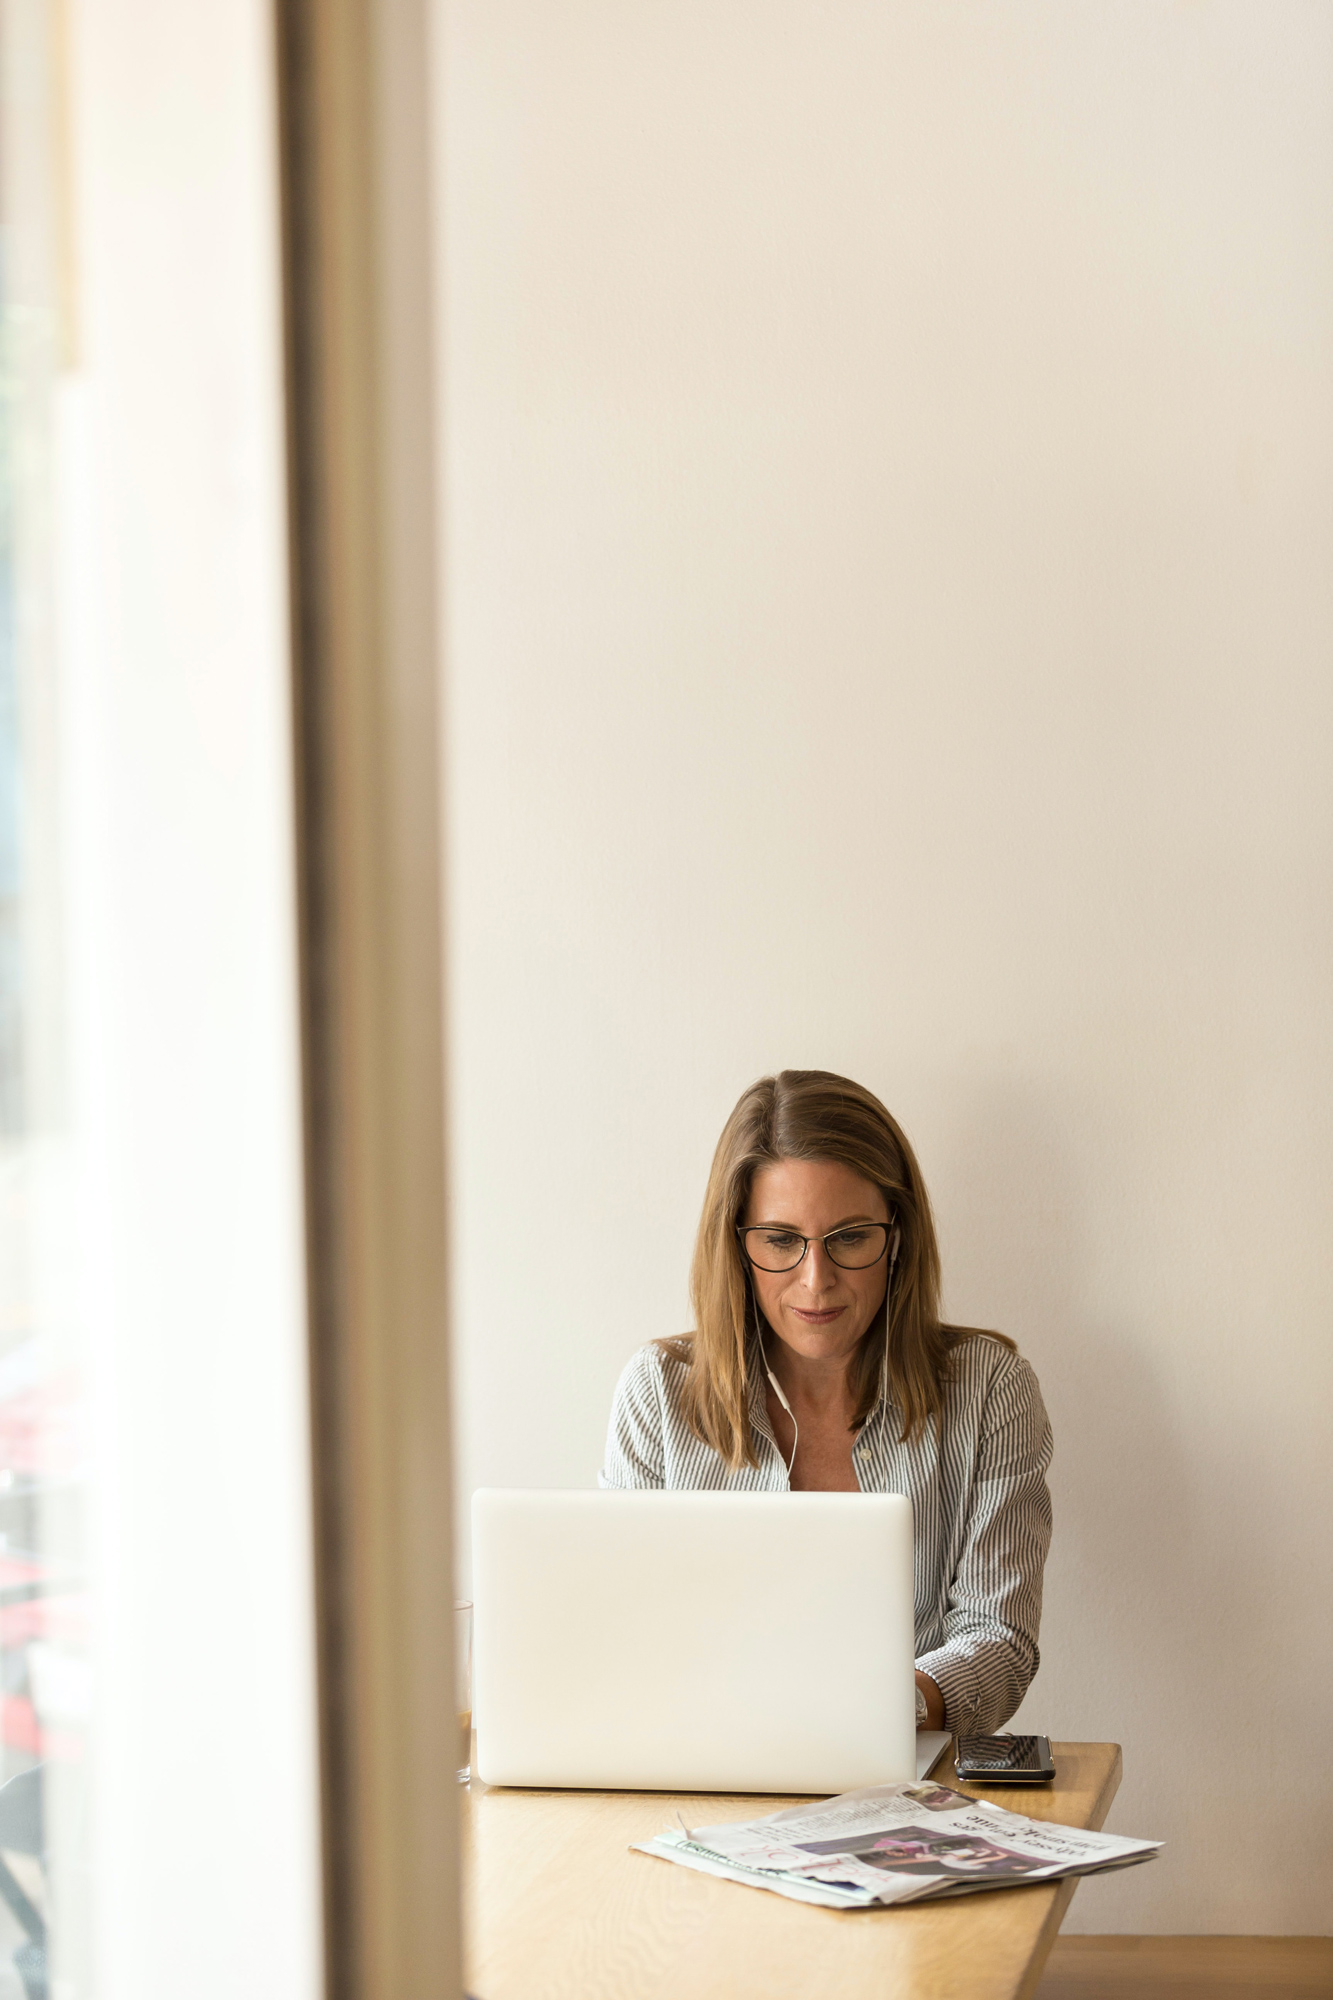 Devo ter um blog no web site da minha clínica?